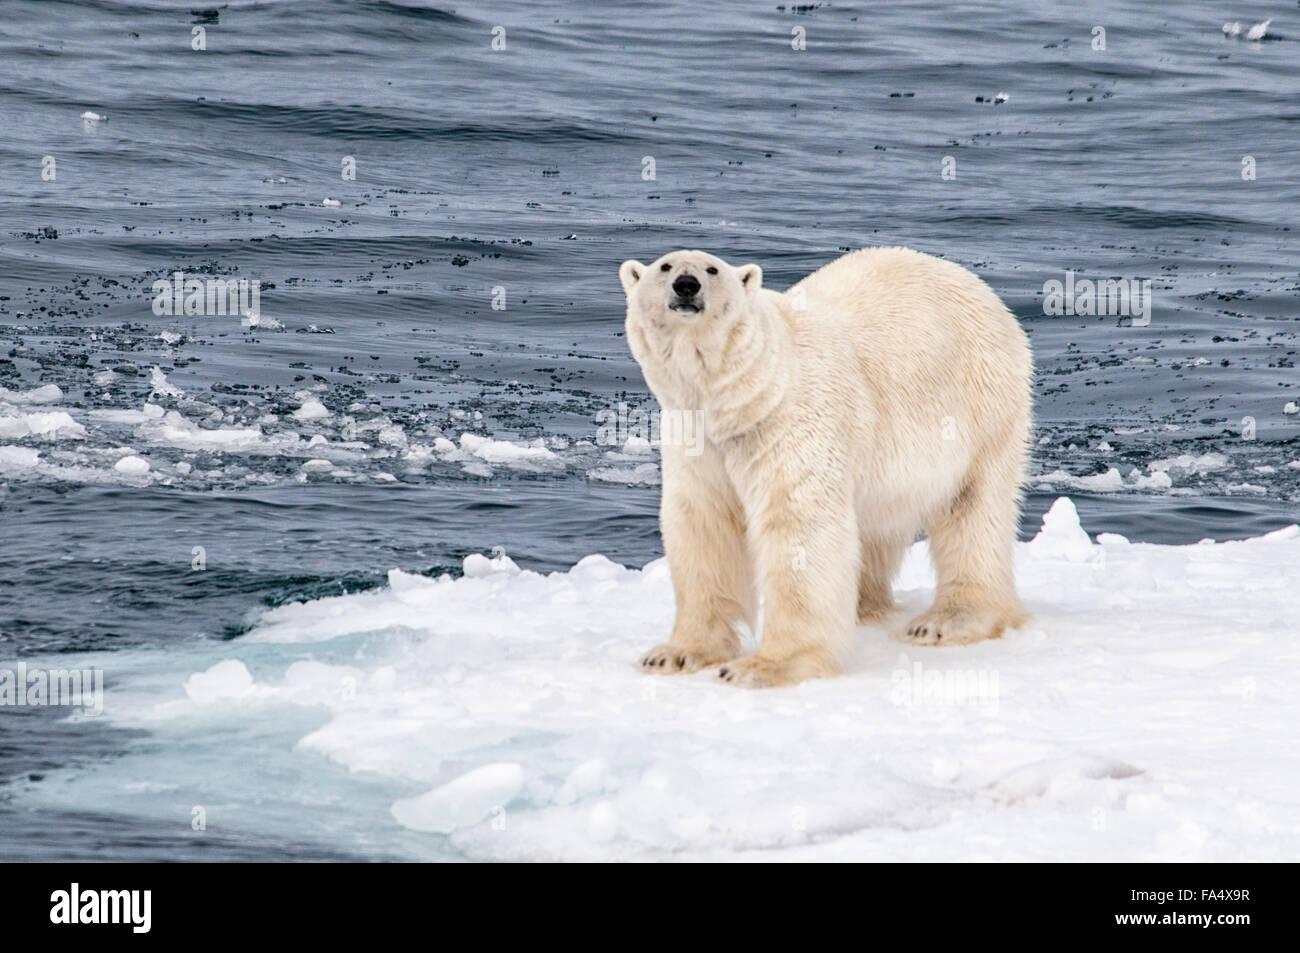 L'ours blanc, Ursus maritimus, debout sur un morceau de glace dans la mer arctique, l'archipel du Svalbard, Norvège Banque D'Images